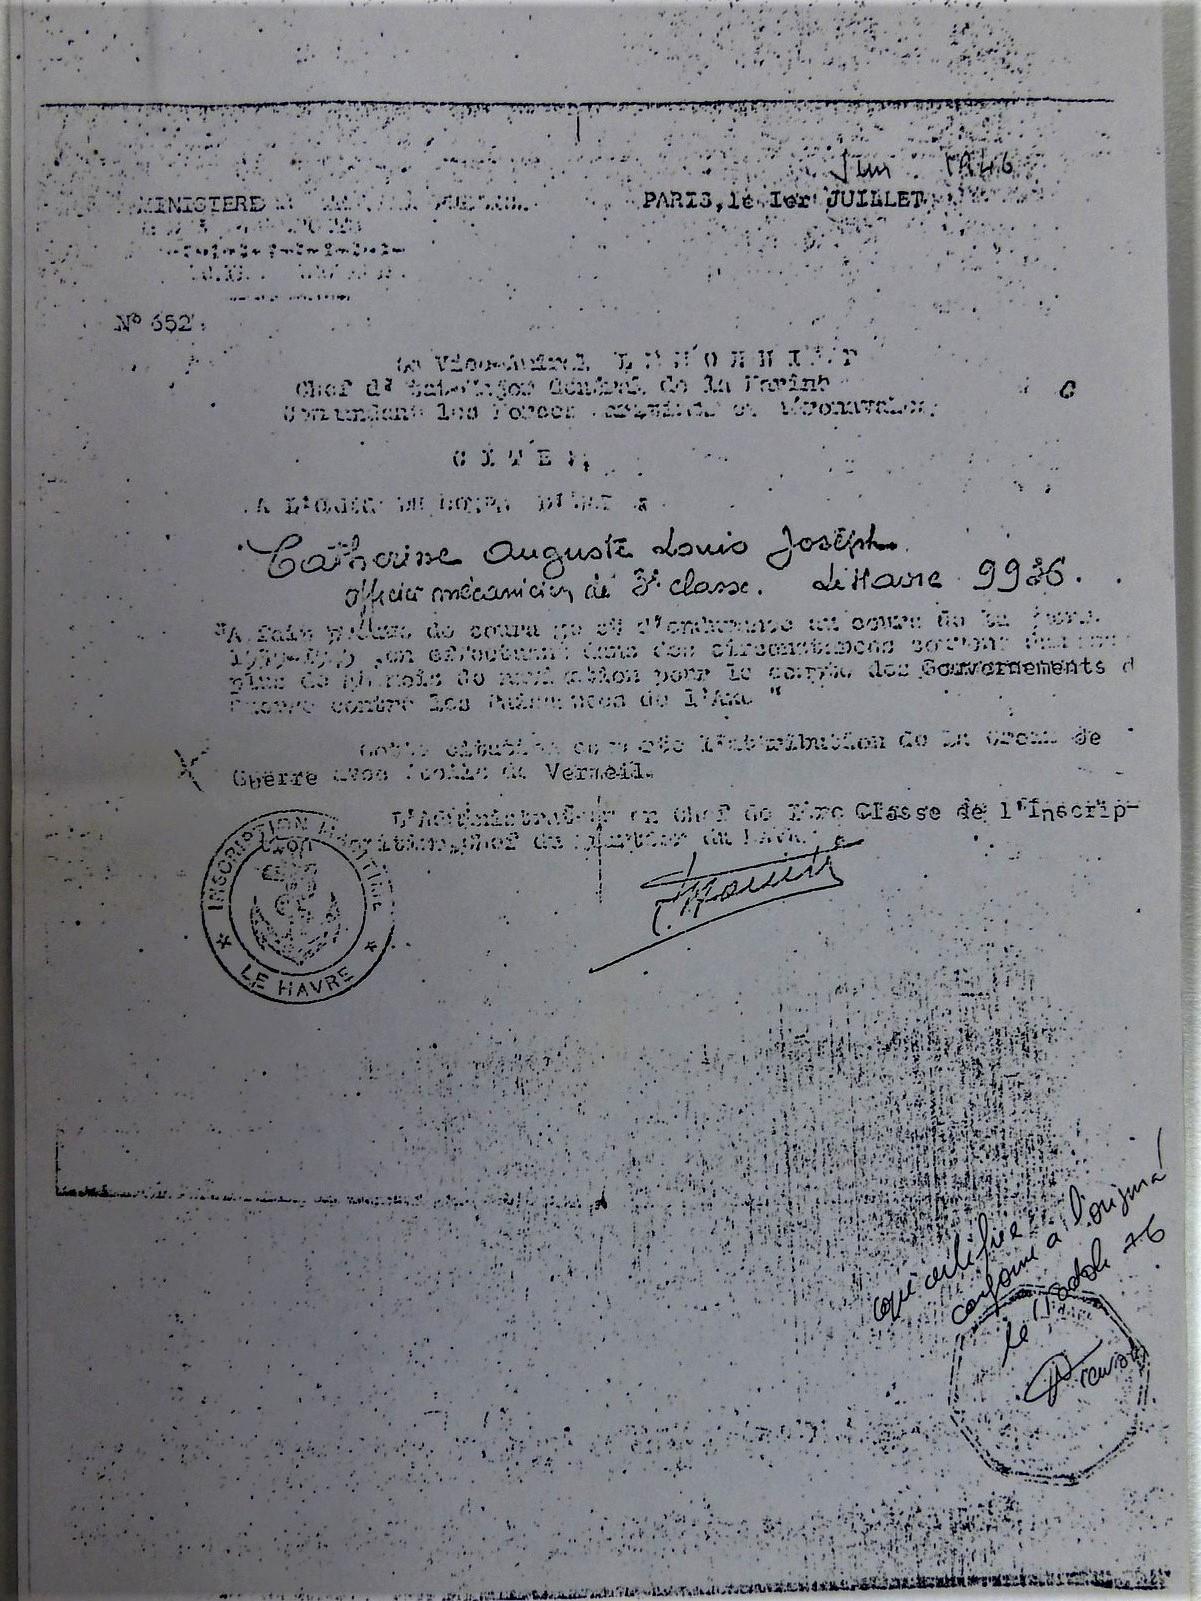 Certfication du Cdt Vuillemin pour la période du Capo Olmo CP : Souvenir des Marins de la France Libre